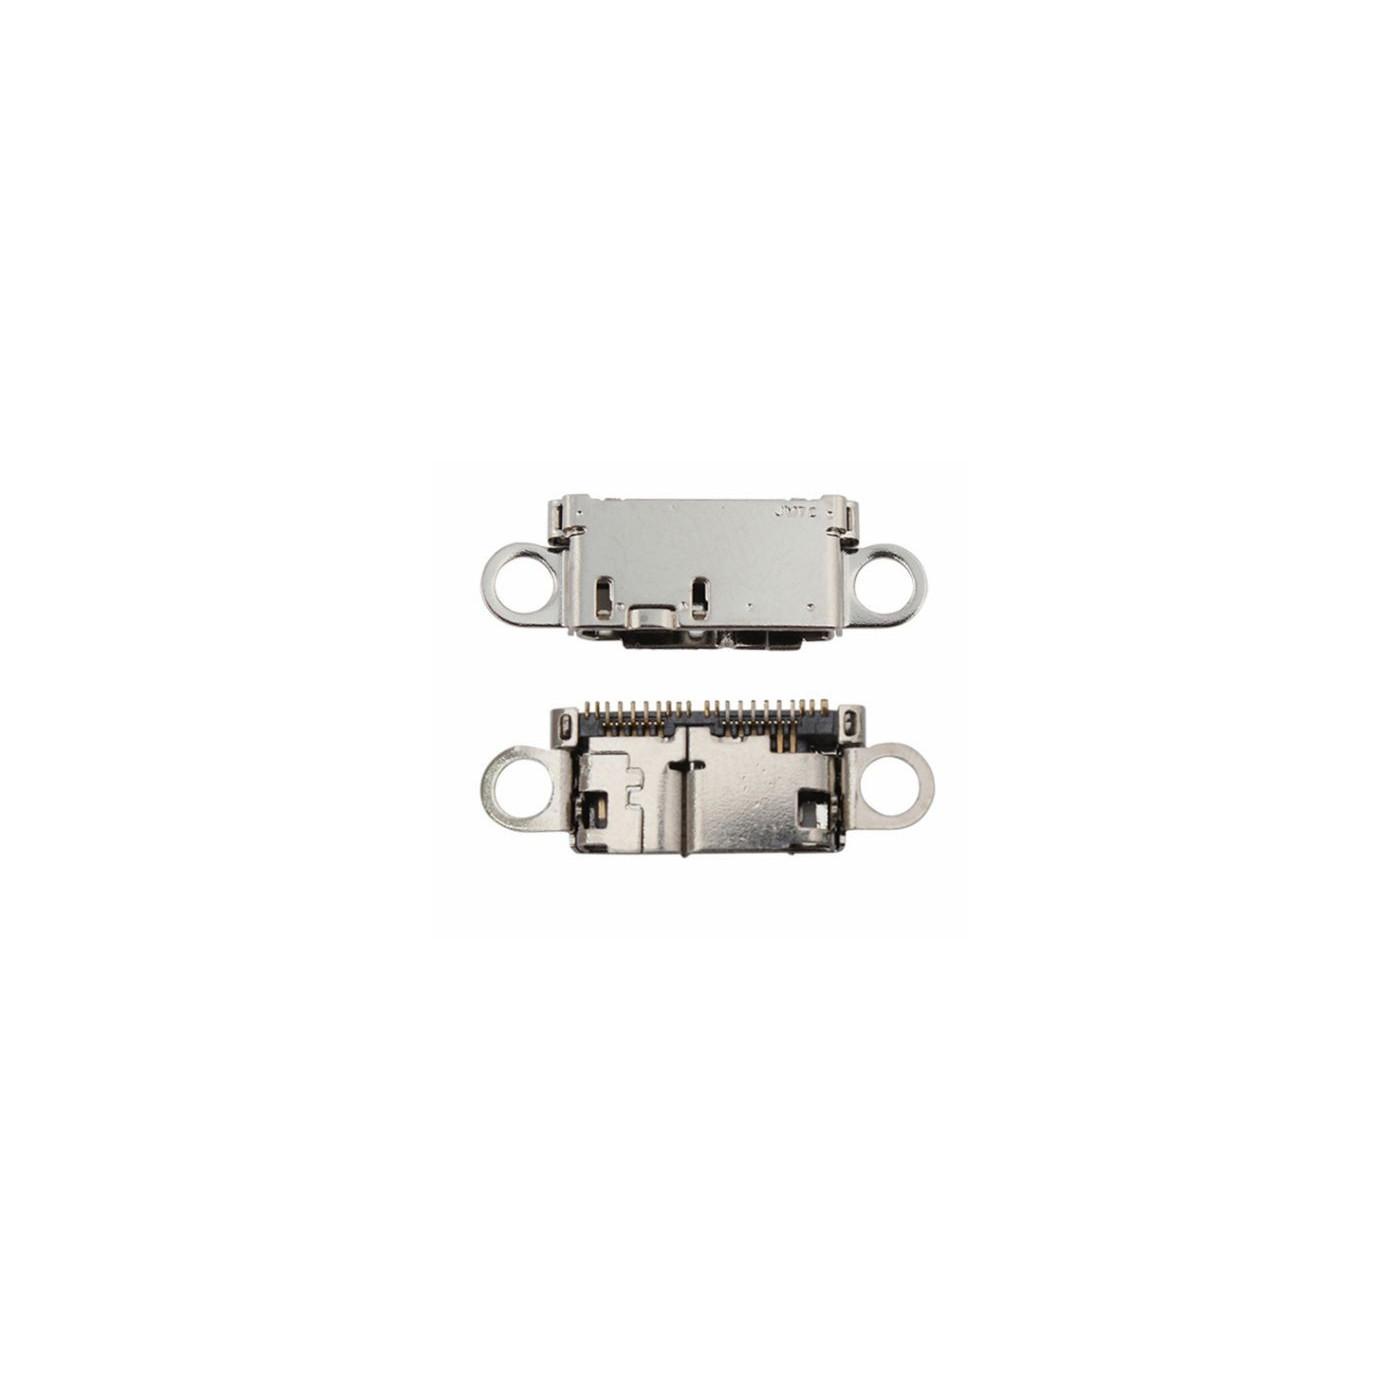 Connettore ricarica micro usb porta dati carica samsung for Tablet samsung con porta usb